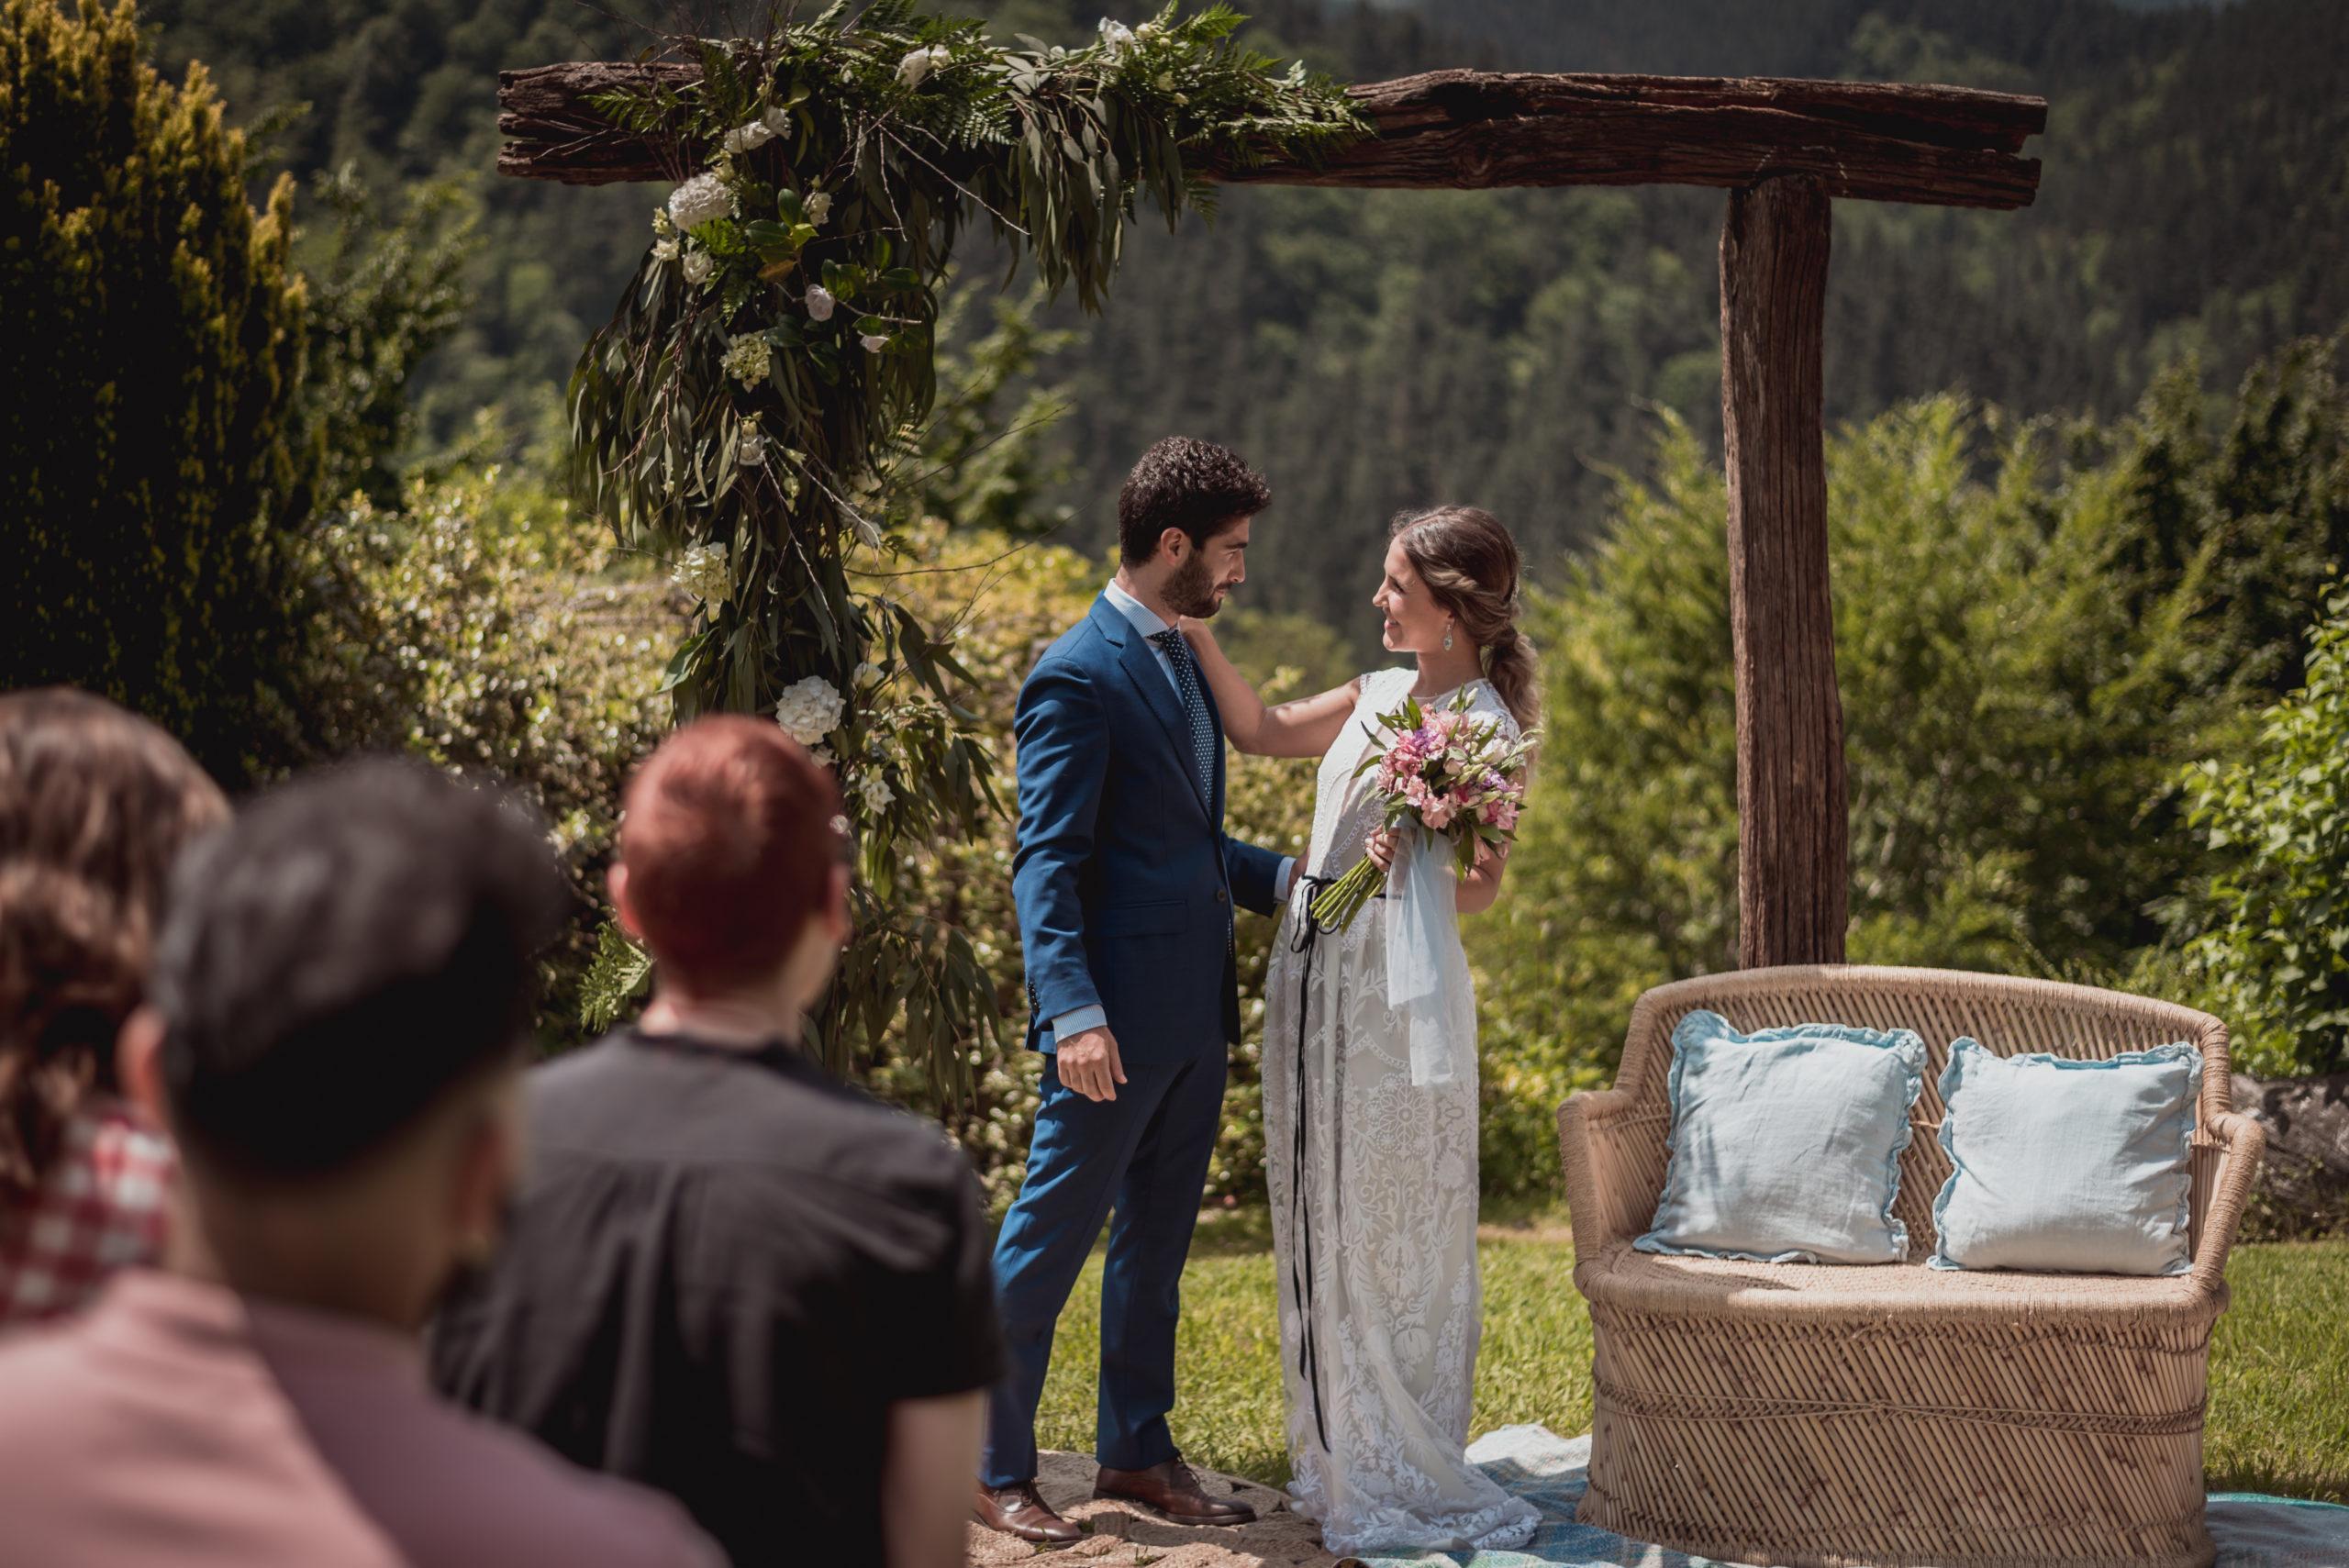 Novia y novio en su ceremonia de boda junto a un sillón doble ratán y un arco natural de fondo